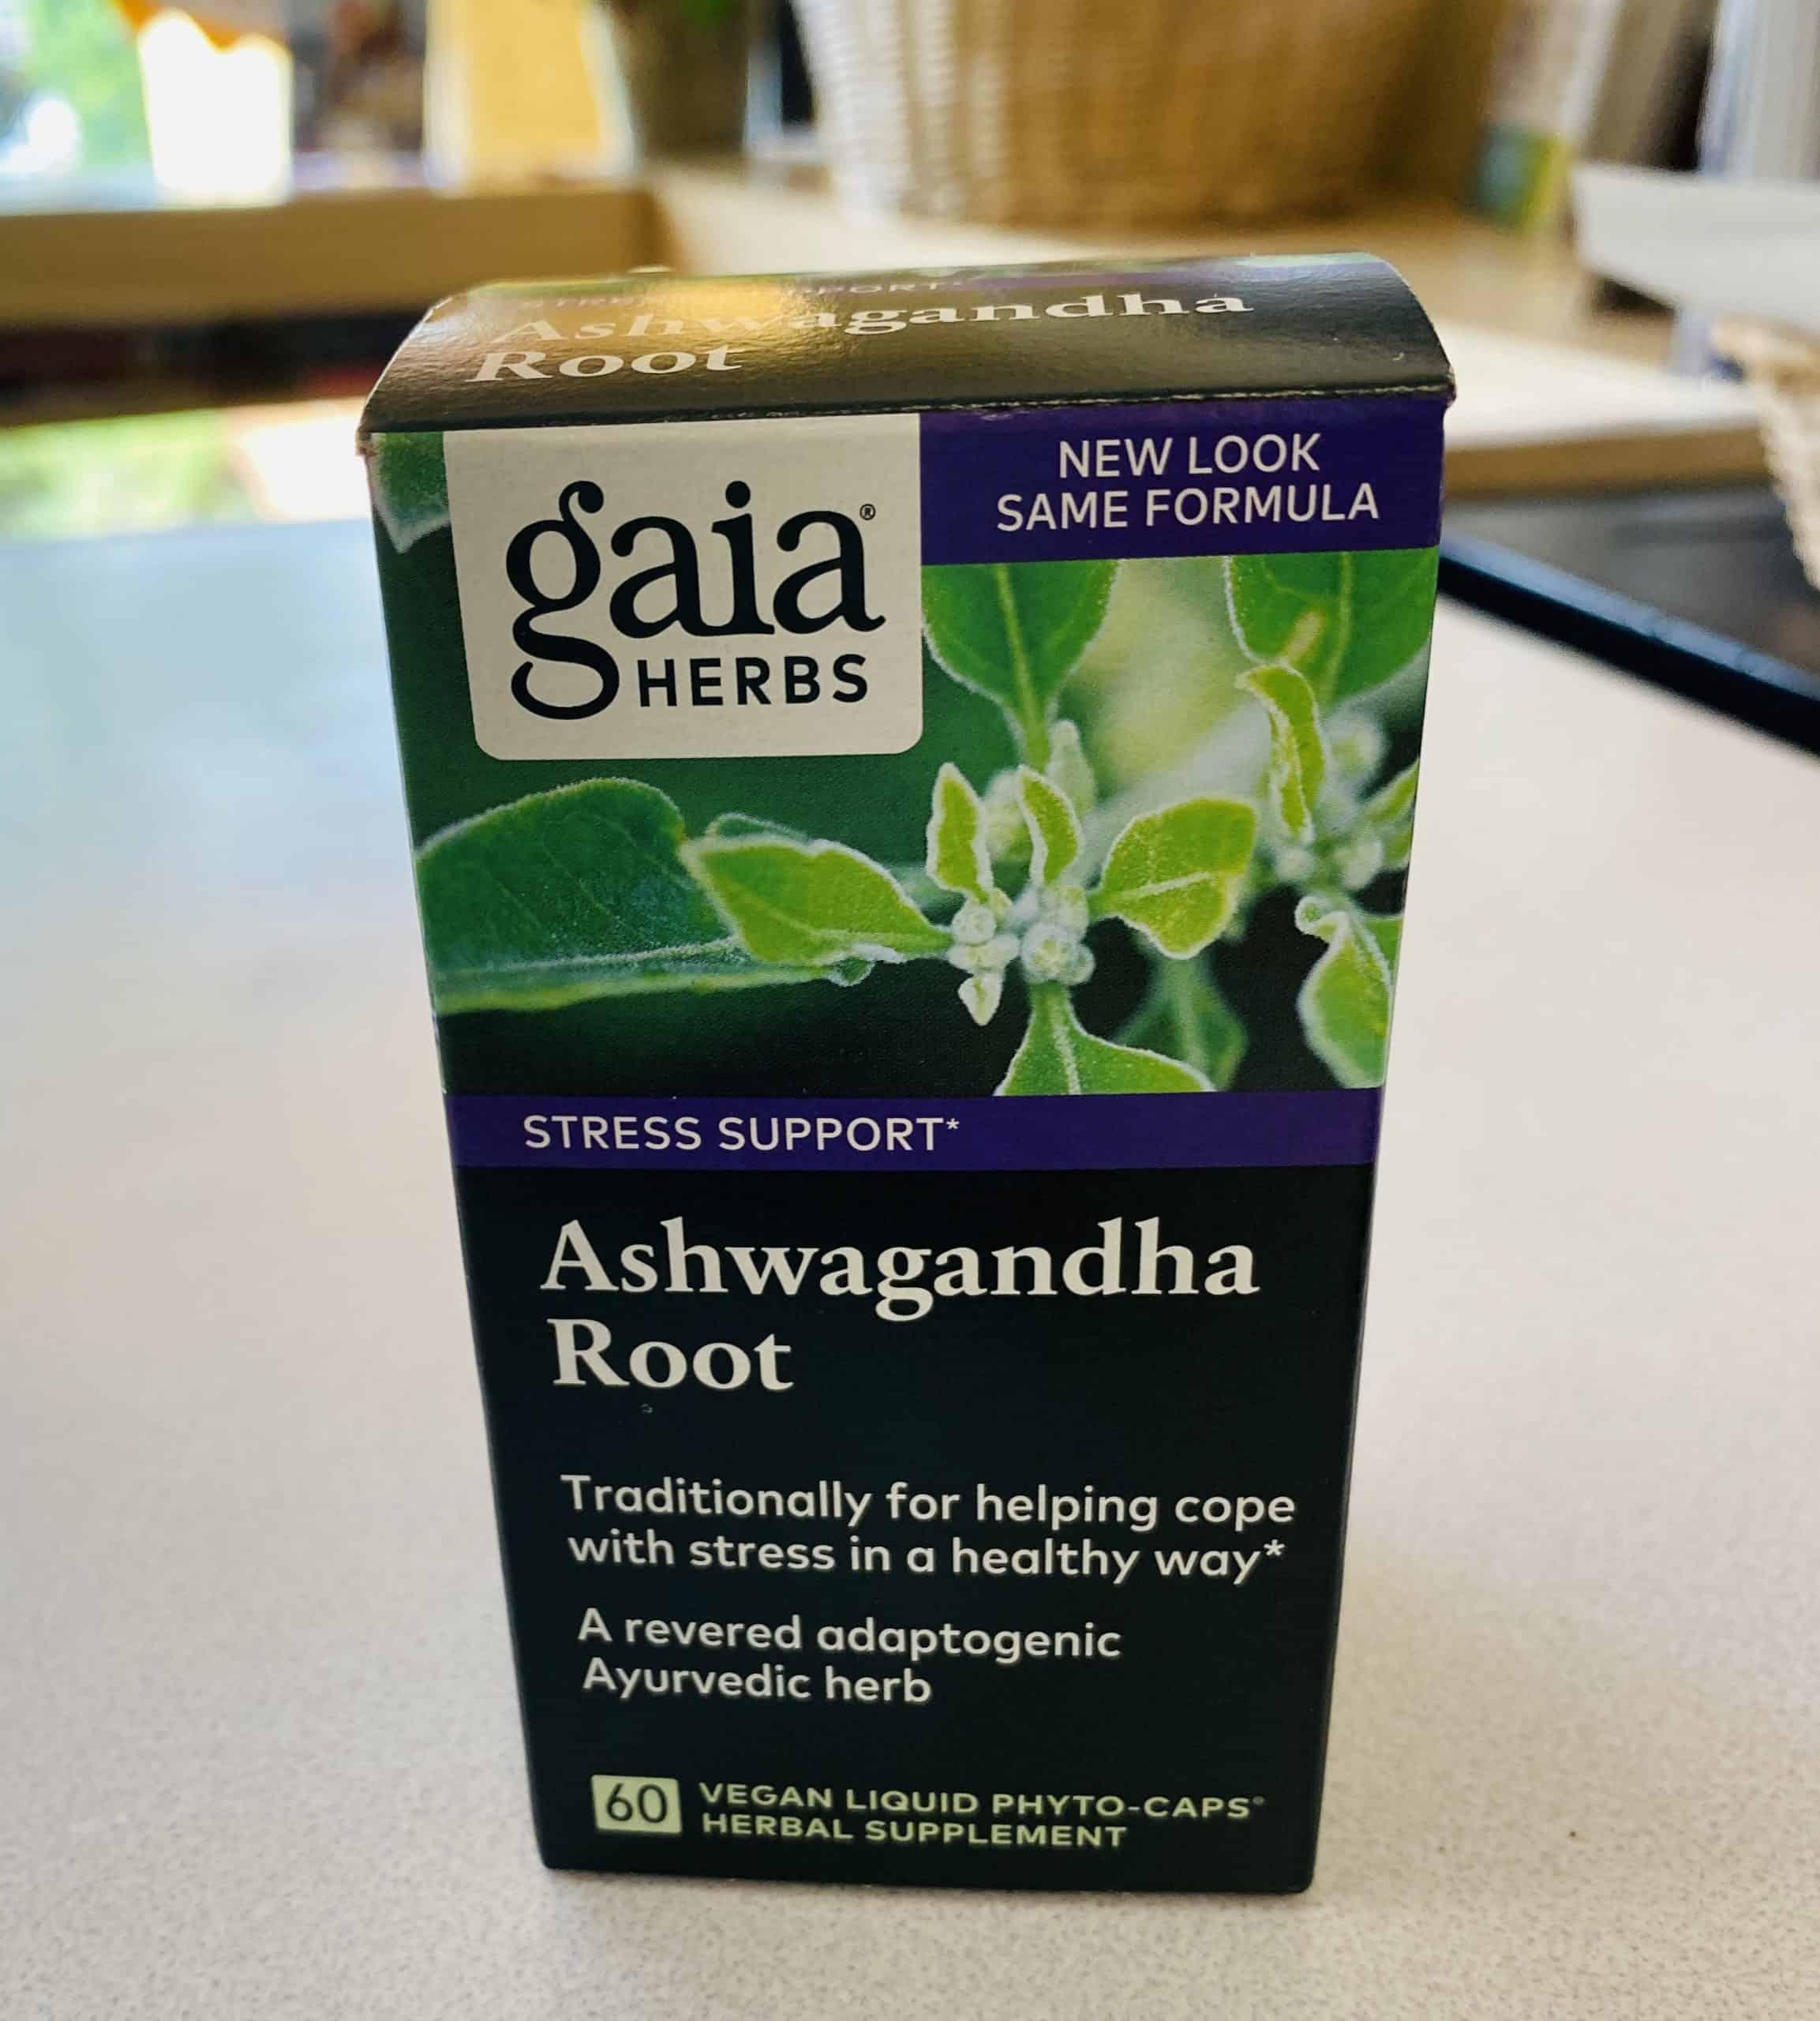 gaia herbs - Ashwagandha Root